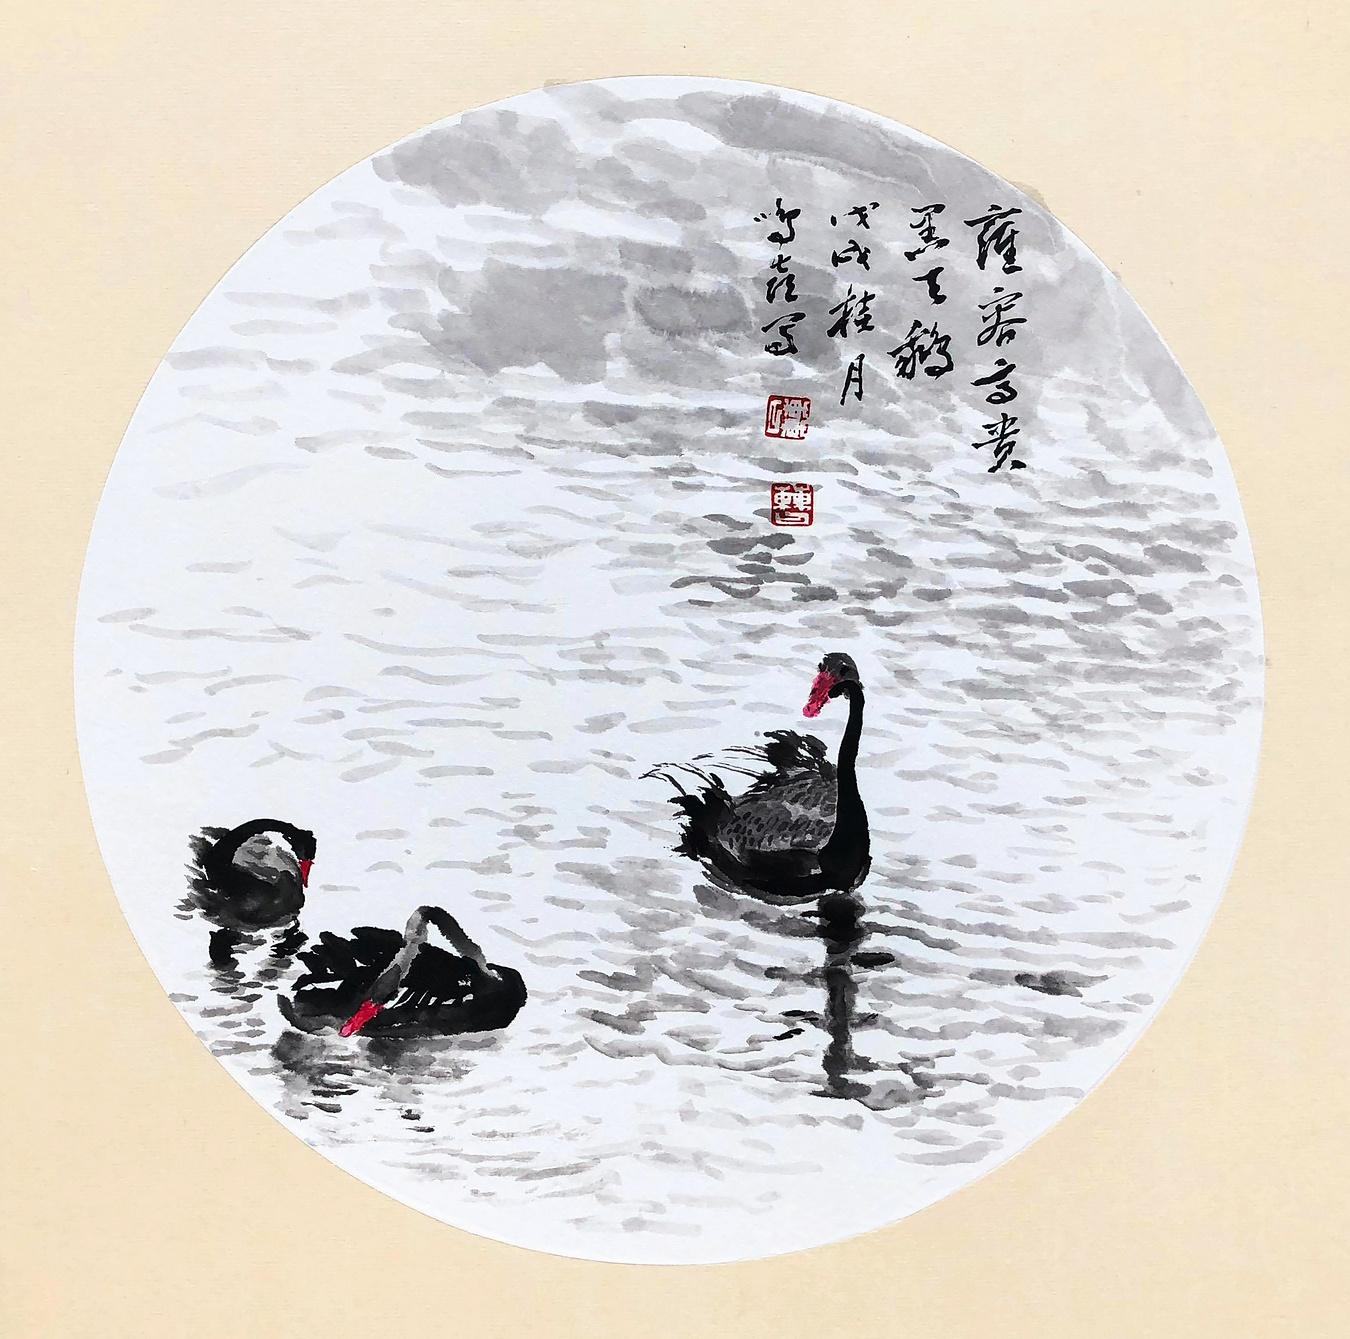 《德国·旧天鹅堡湖·雍容高贵黑天鹅》33×33cm 纸本水墨 团扇 写意欧洲风情 2018年08月13日